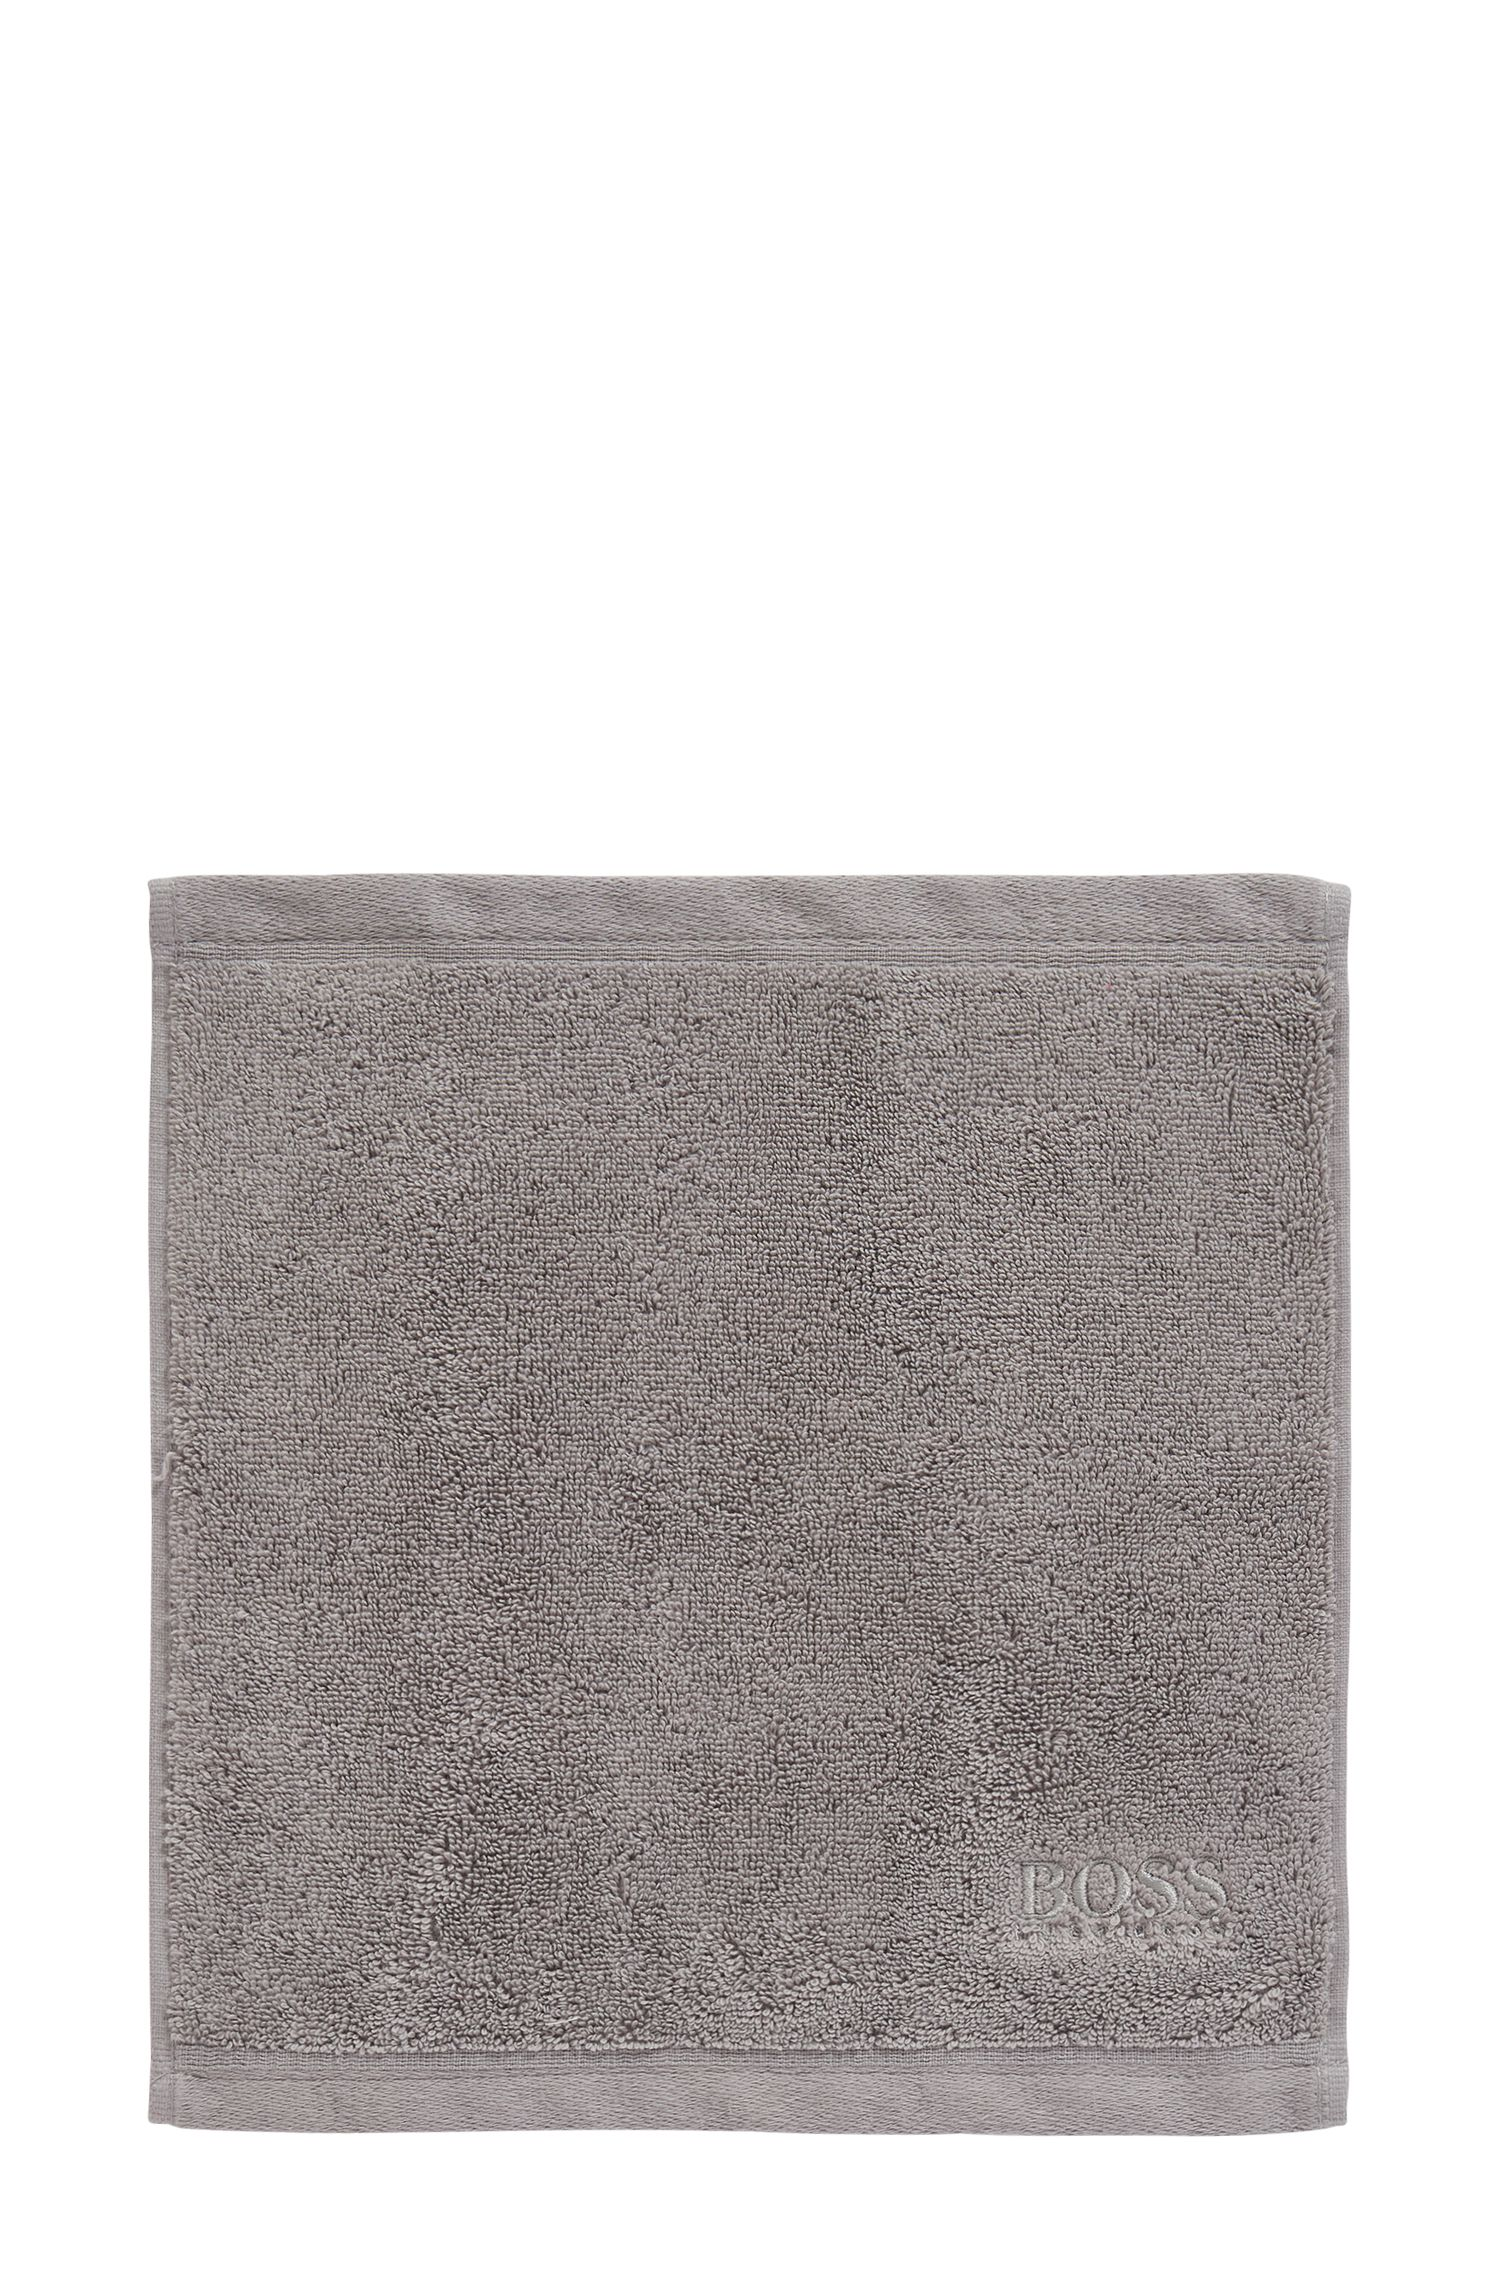 Serviette de toilette pour le visage en coton peigné de la mer Égée, Argent